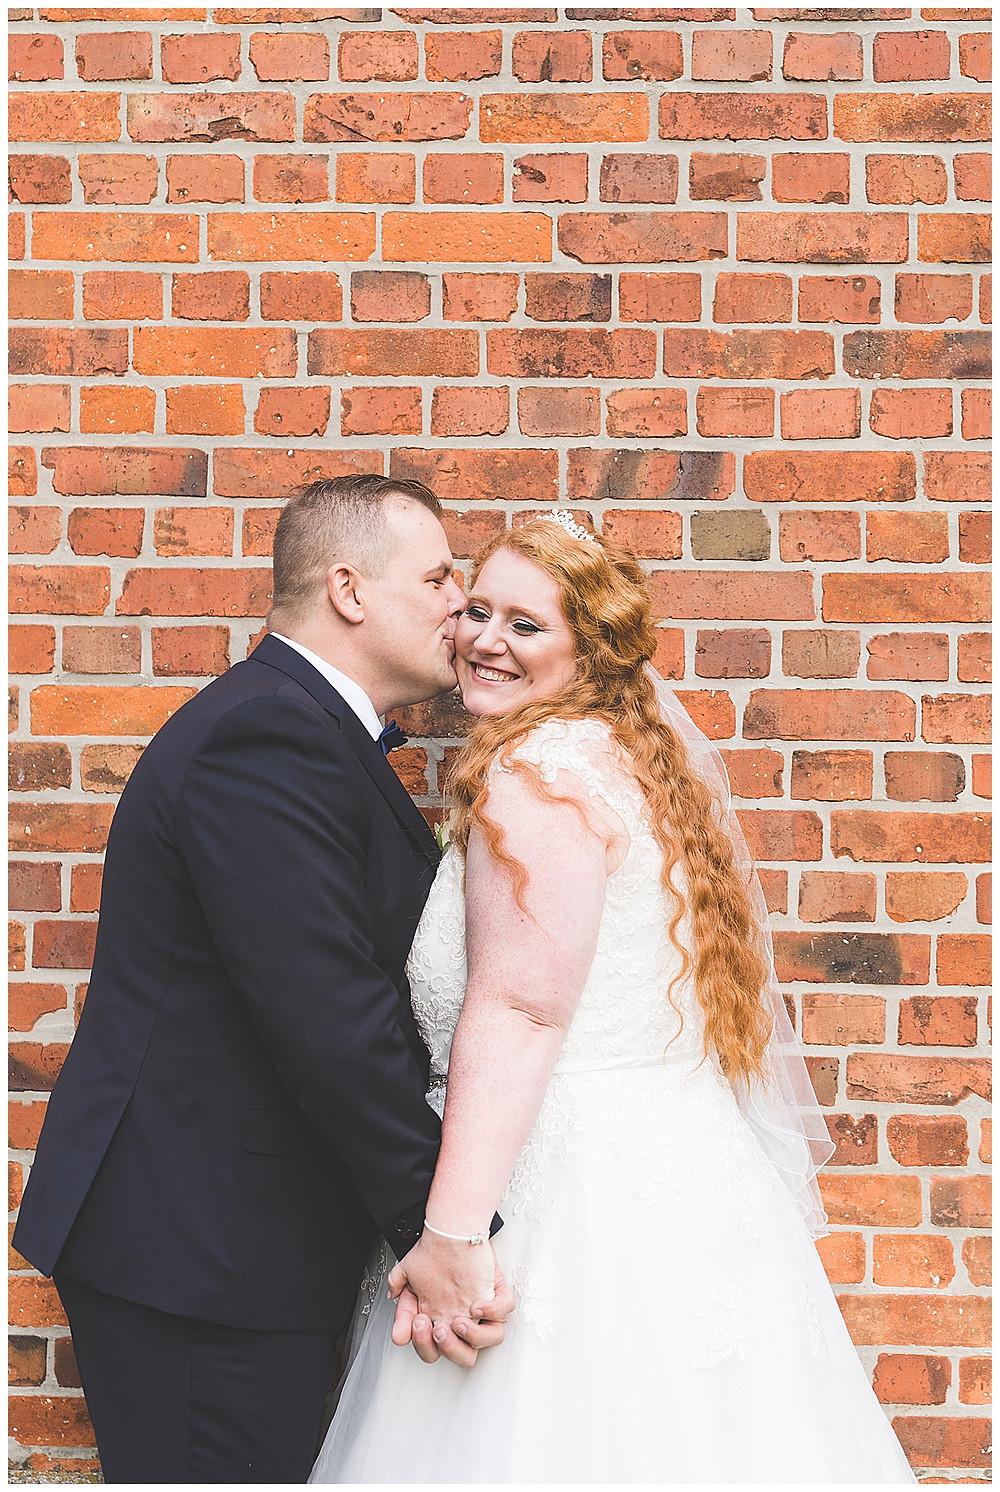 Bräutigam küsst Braut auf Wange Händchen haltend